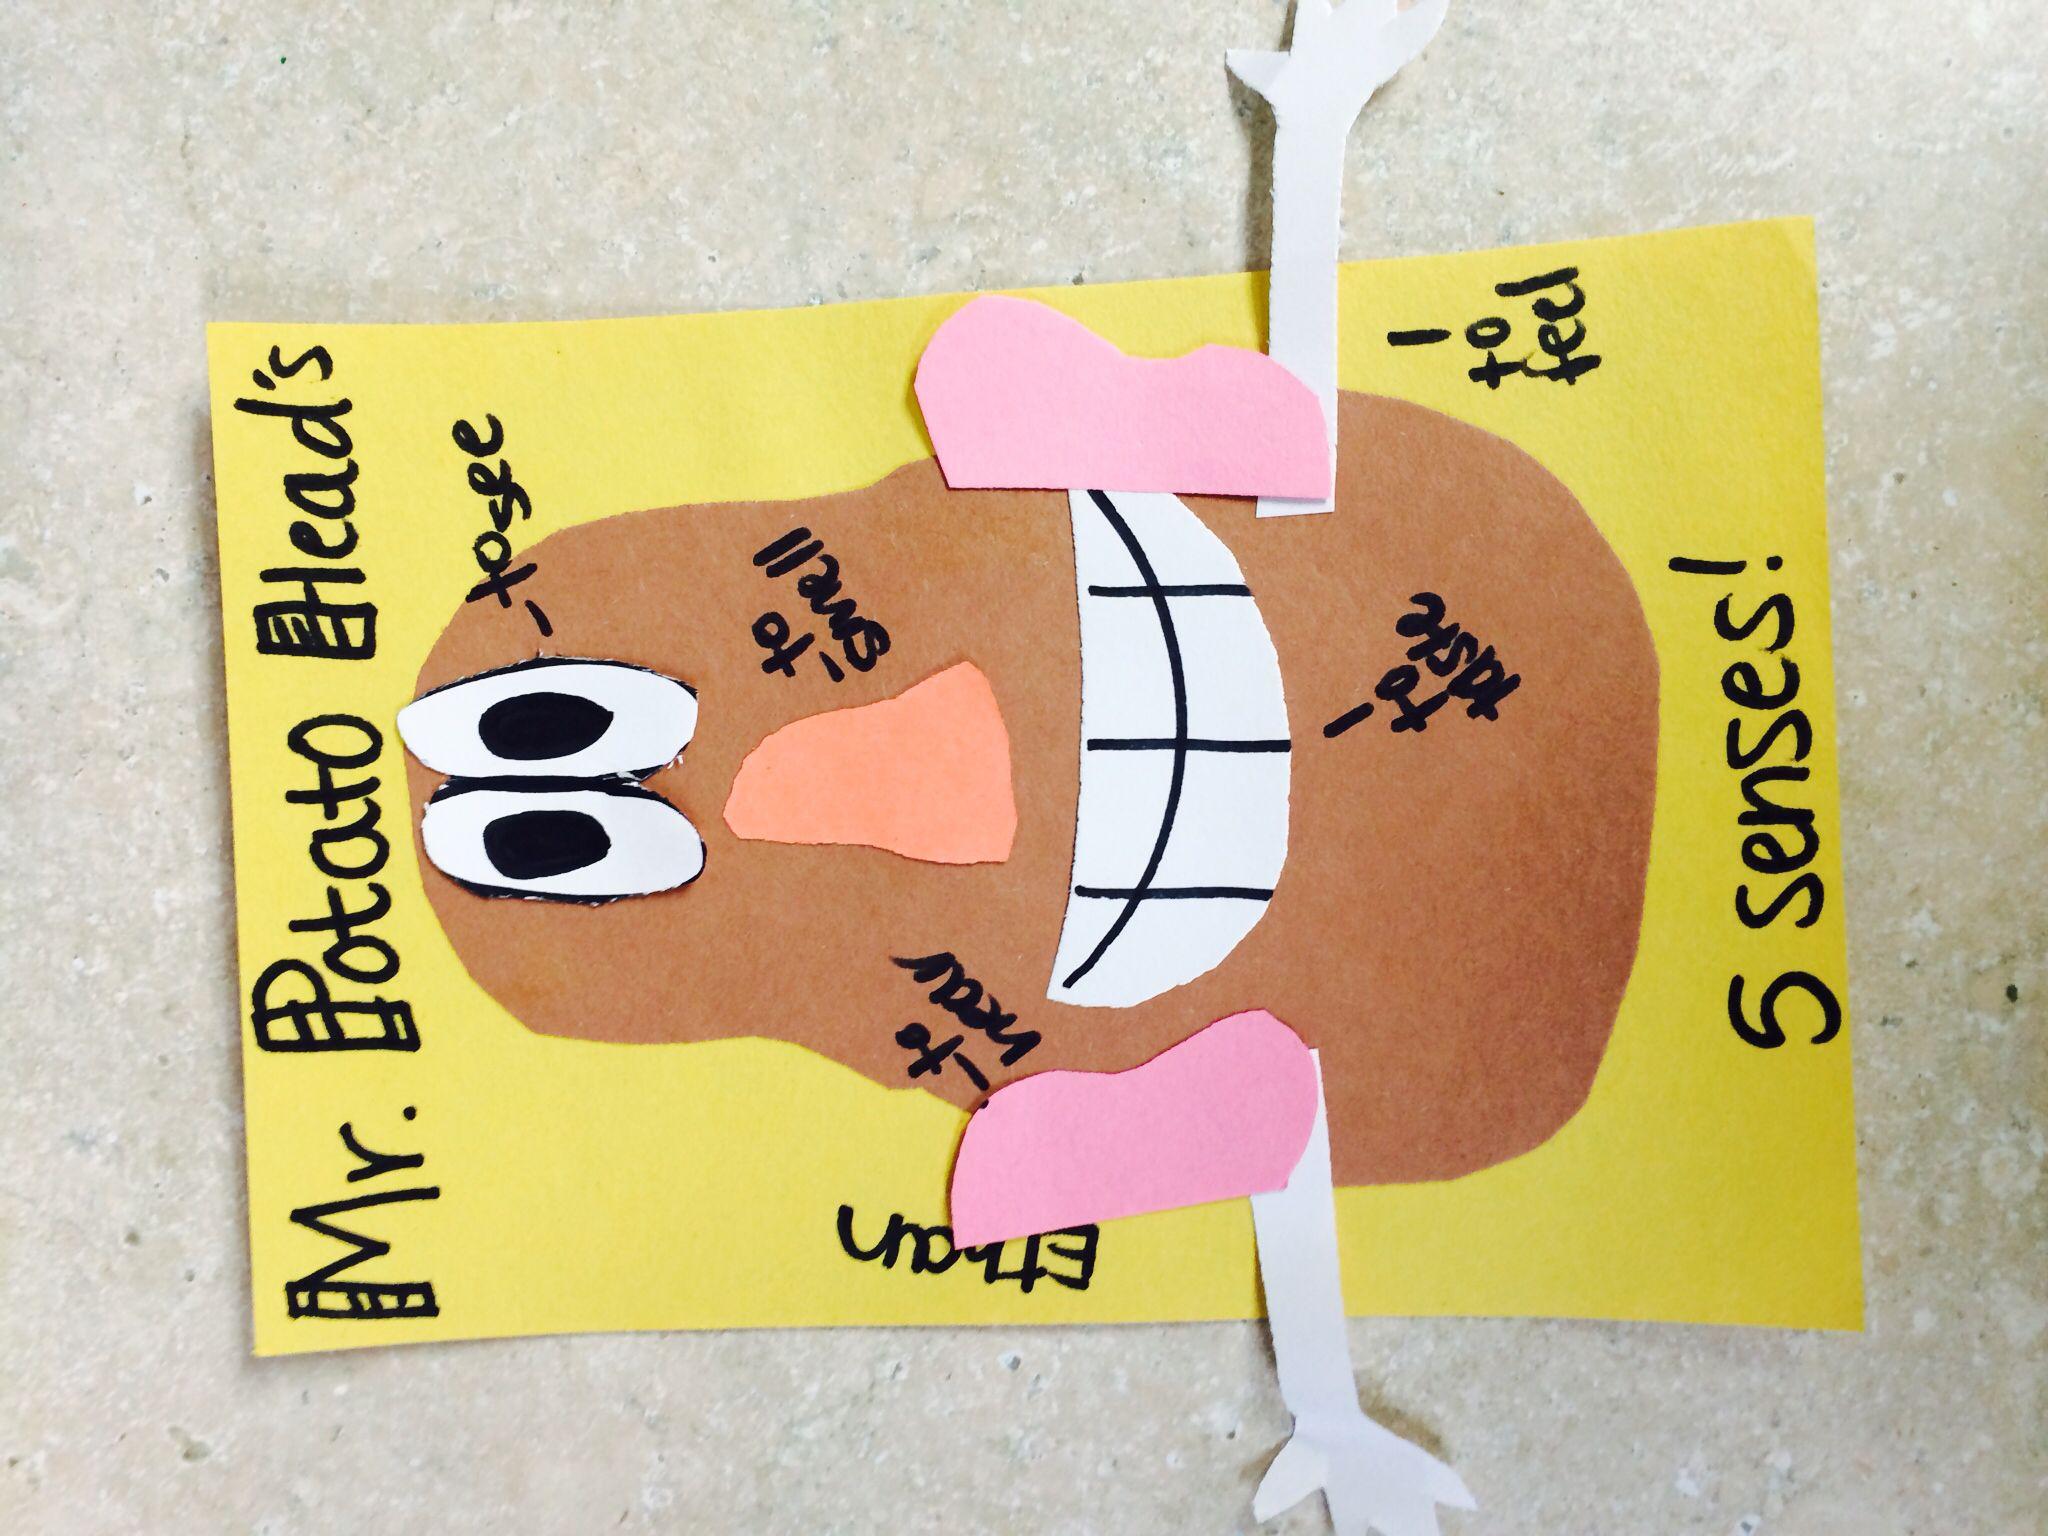 Mr Potato Head 5 Senses